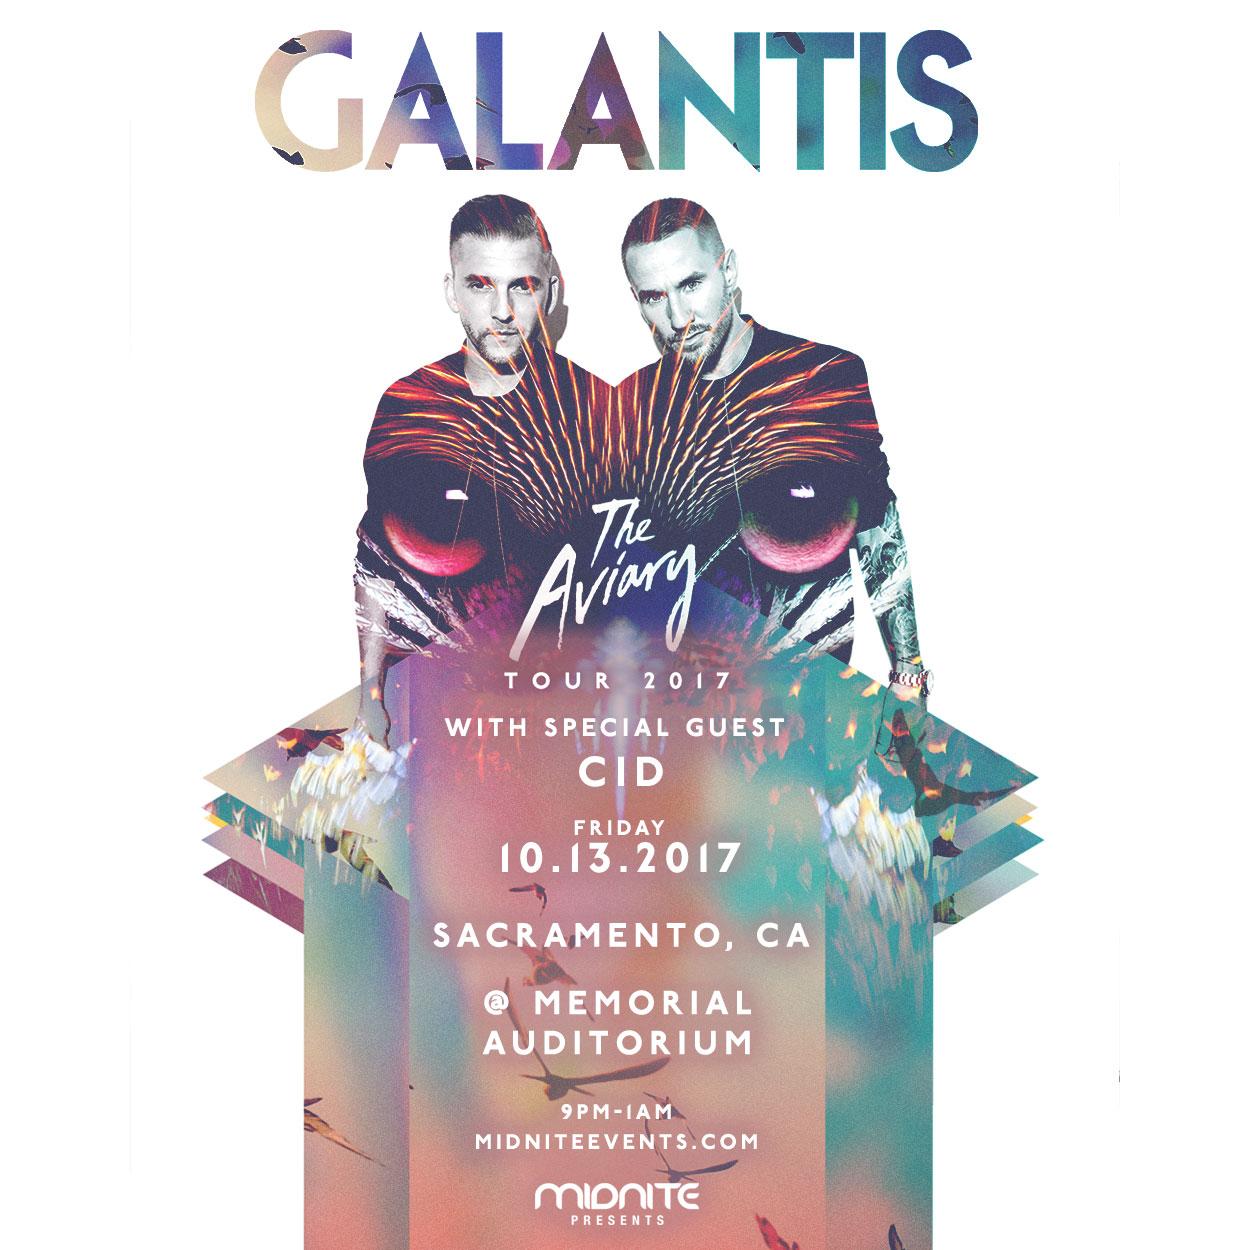 Galantis Sacramento 2017